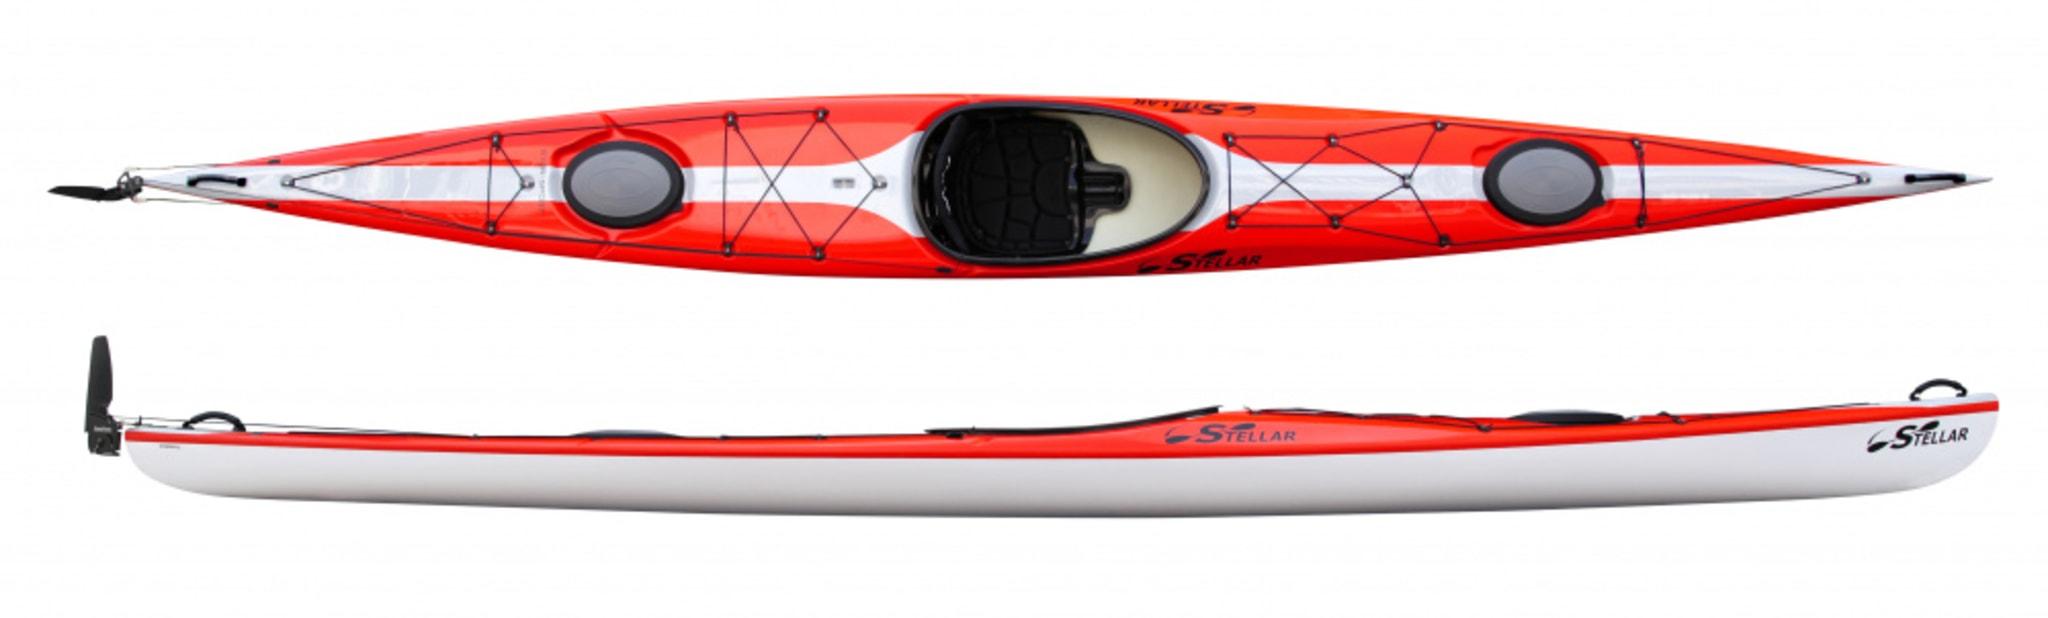 Stellar S18R G2 Sport - den ultimate hybriden for tur og trening